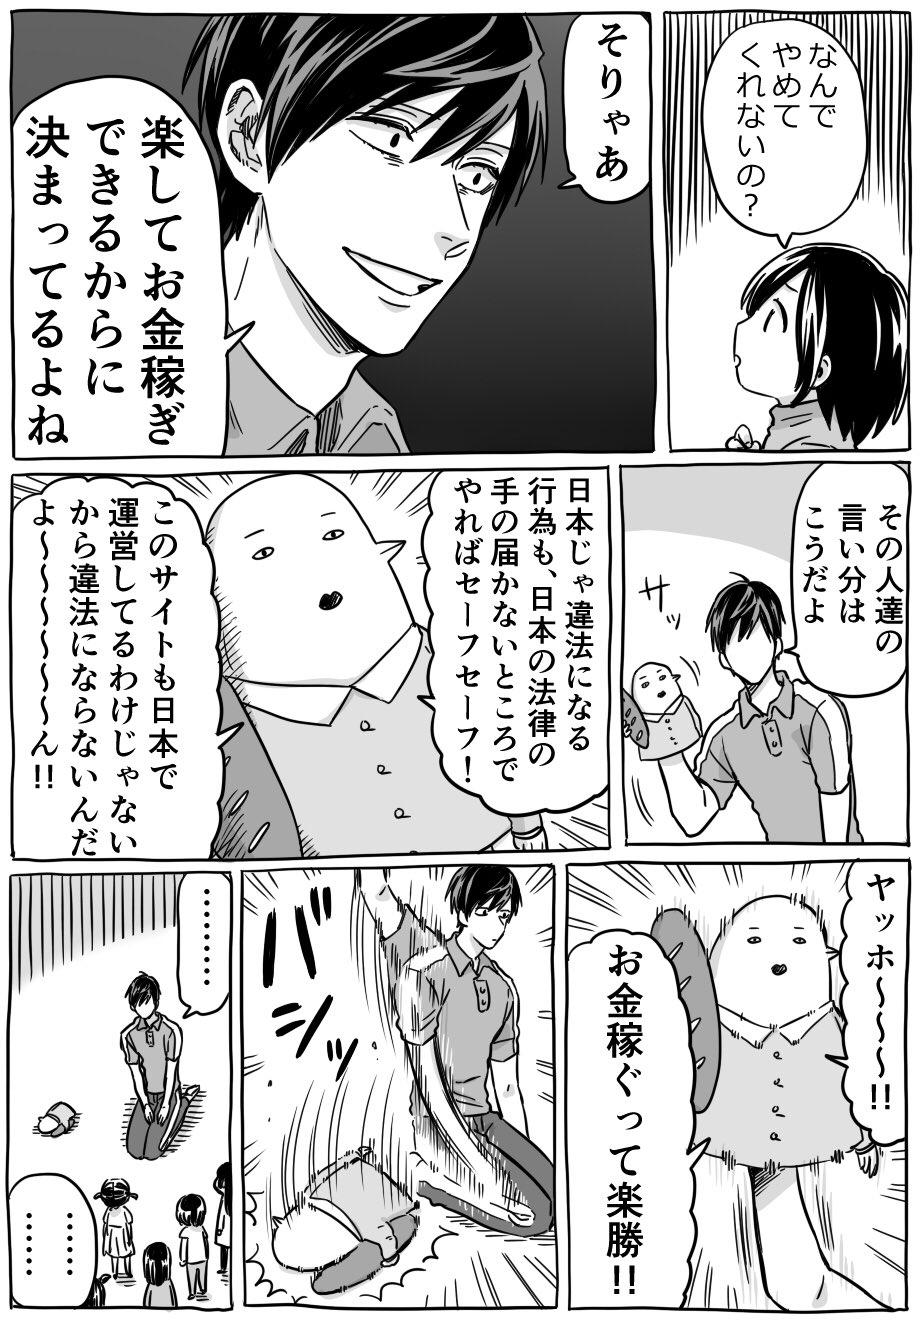 久世岳@トリマニア④発売中さんのツイートより引用